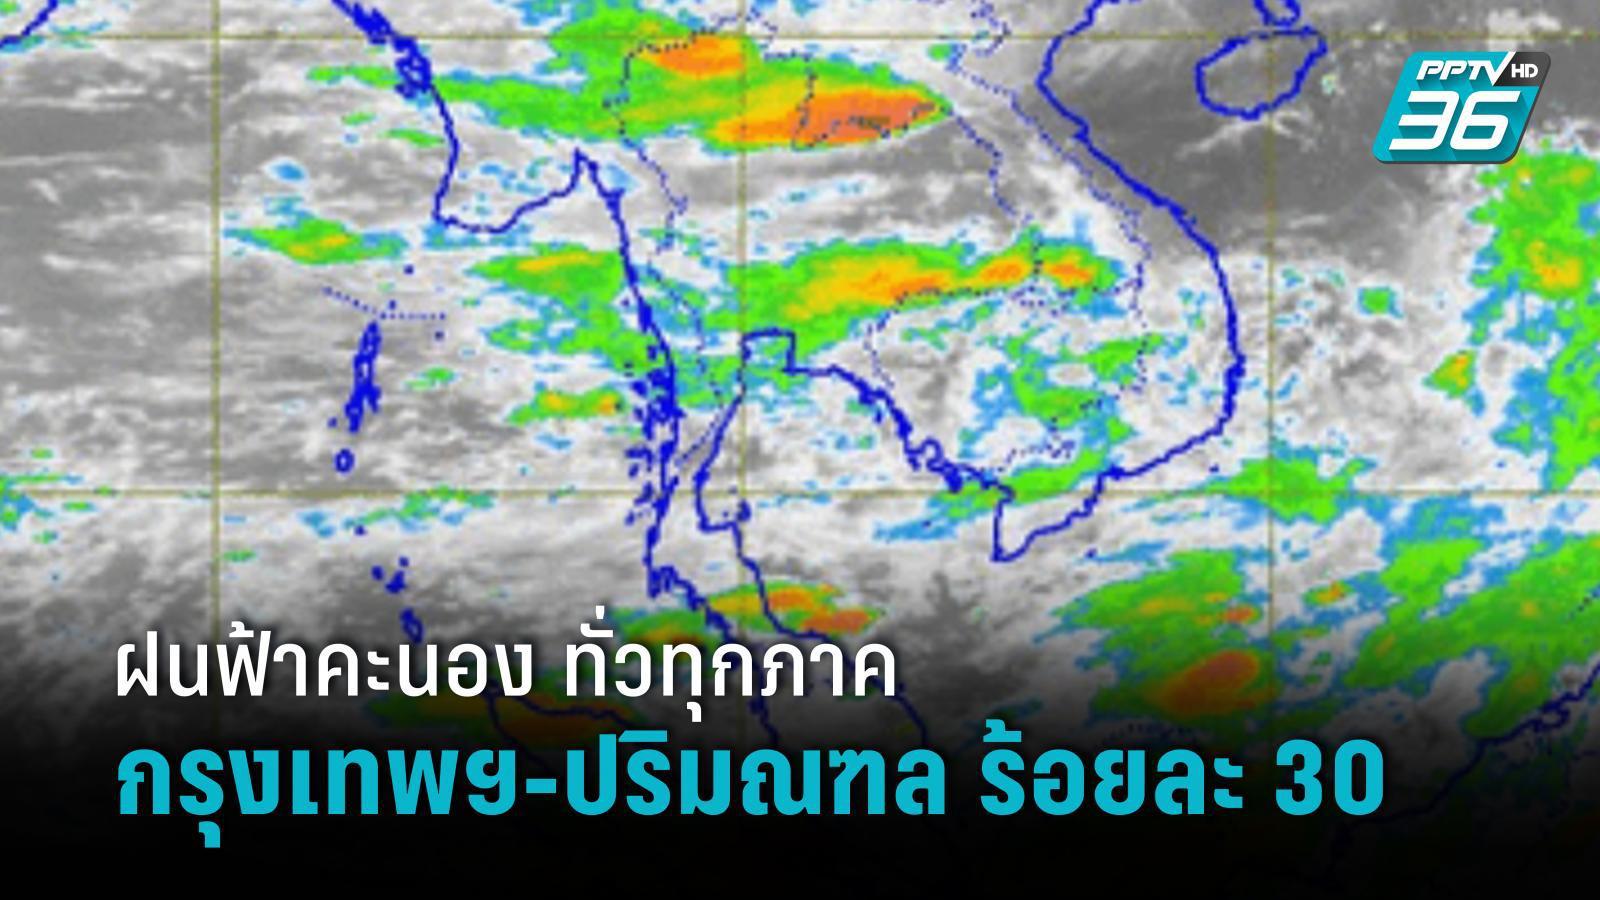 อุตุฯ เตือน ฝนฟ้าคะนองทั่วทุกภาค กรุงเทพฯ-ปริมณฑล ร้อยละ 30